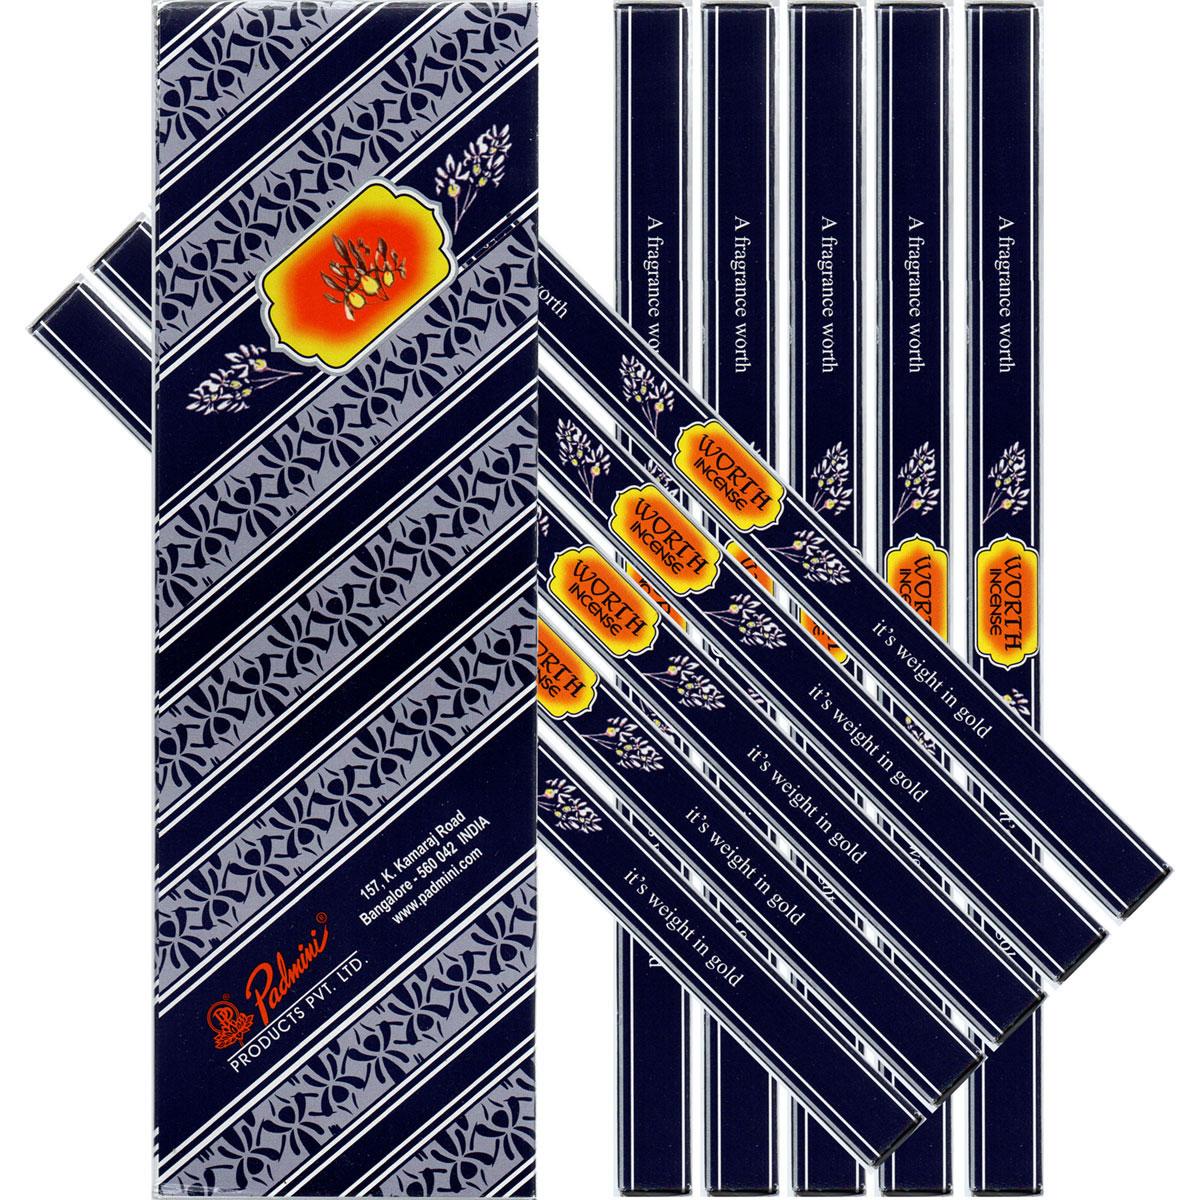 Padmini Incense - WORTH